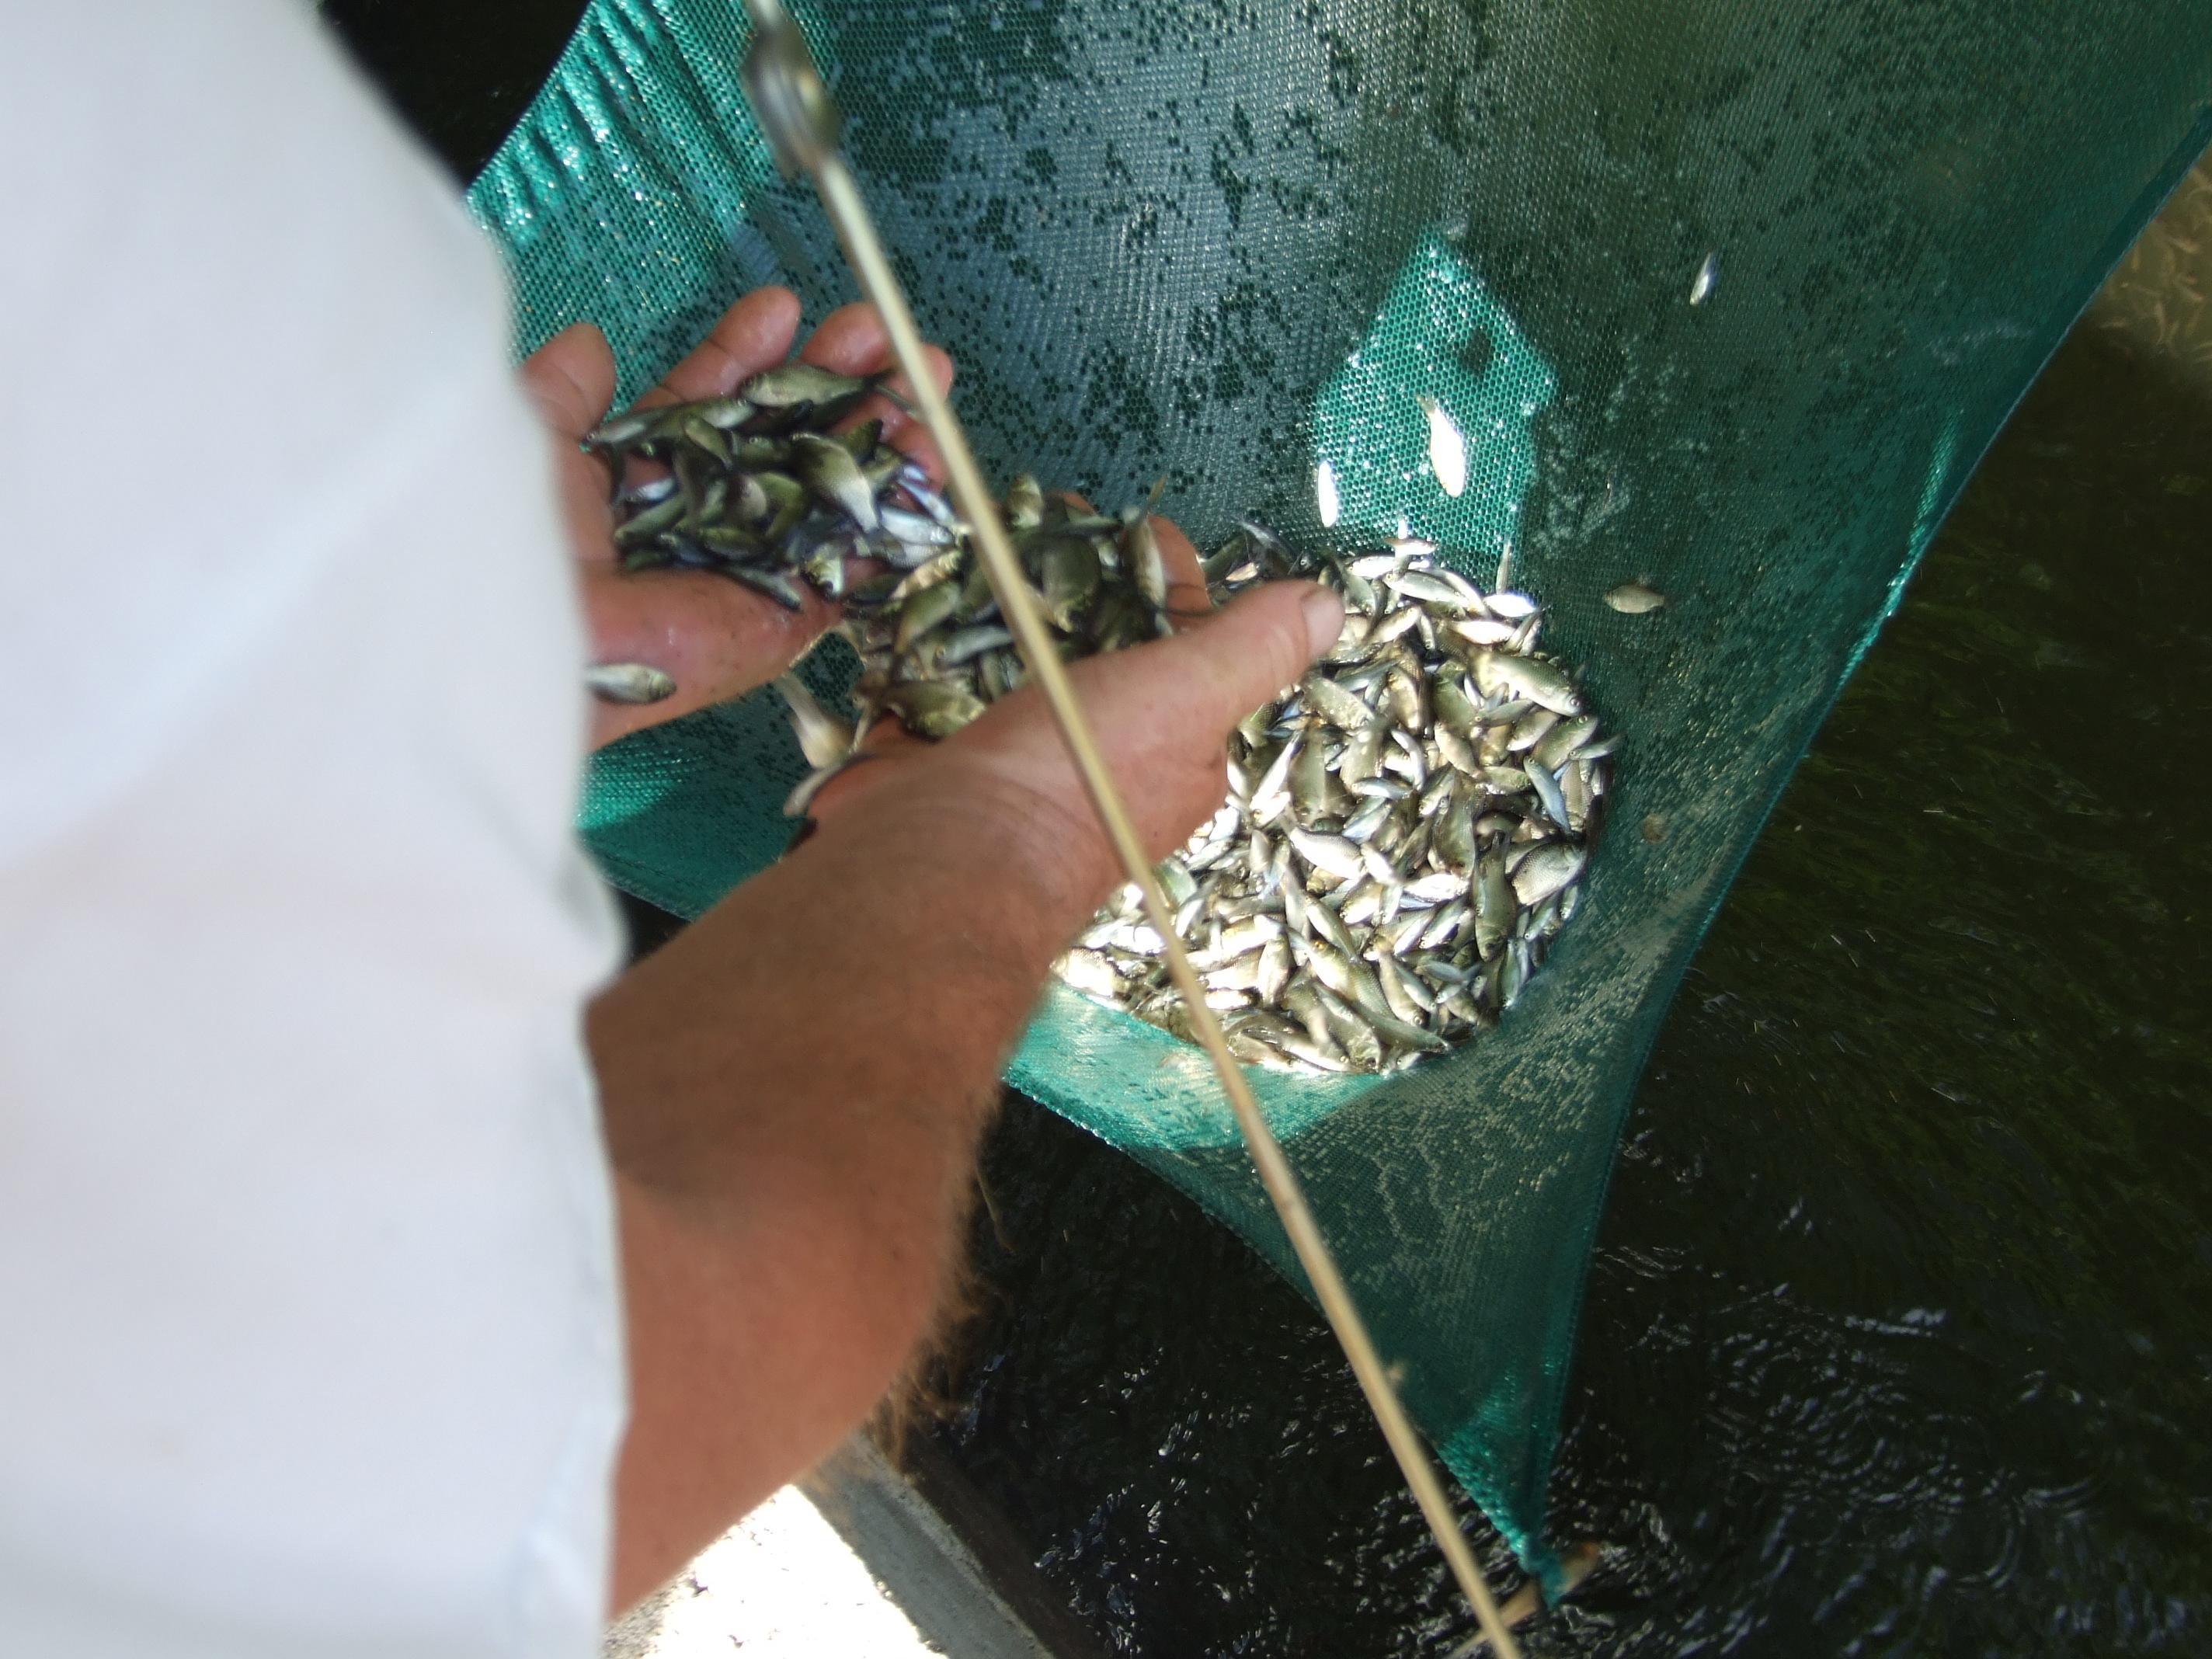 2010-ben a Hantoskerti holtág belső, gáton belüli részében egy merítéssel fogott ivadékok. Zömében egészséges pontyok